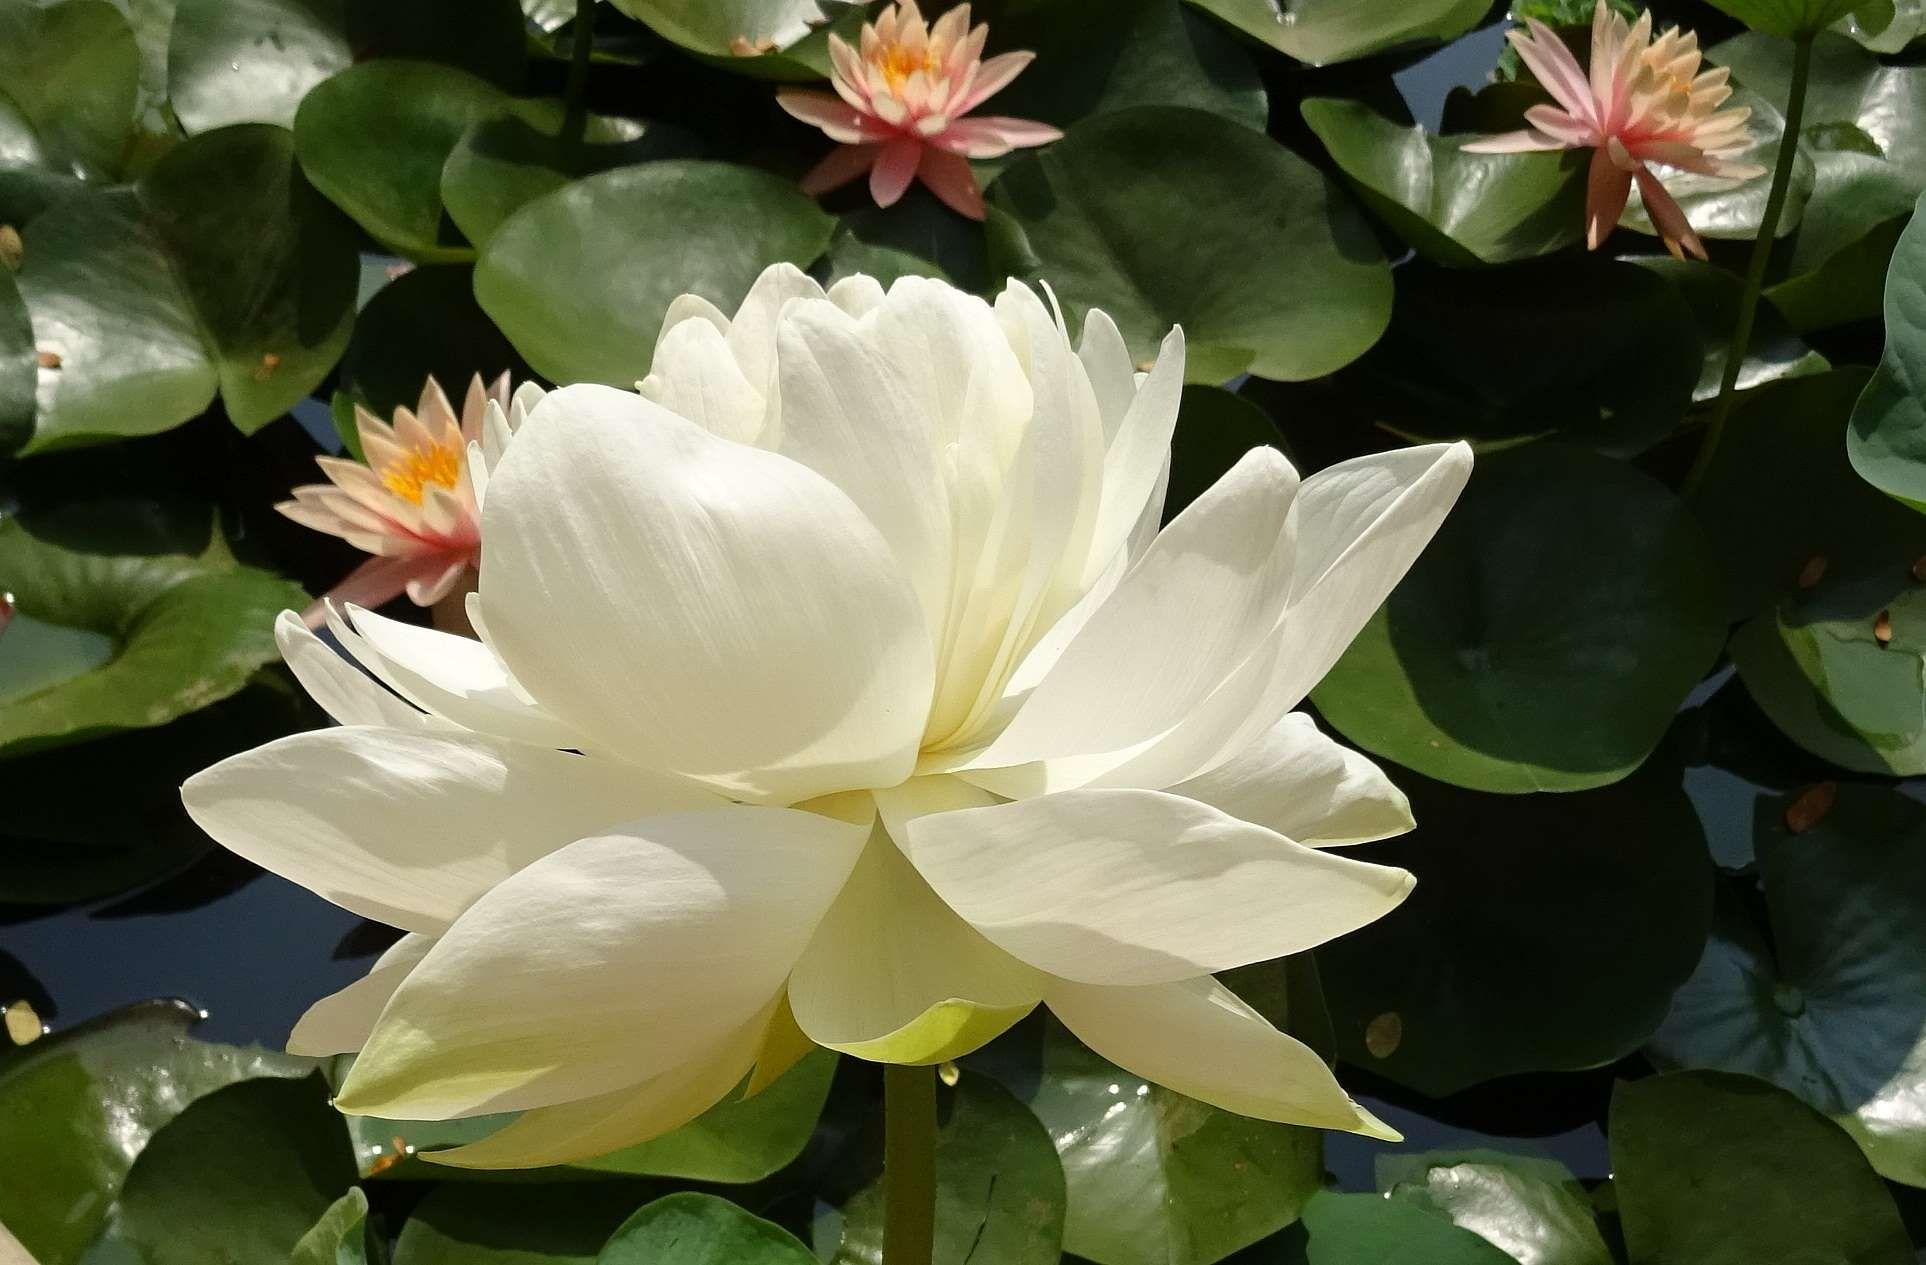 Backyard Bloom Blossom Dharwad Flora Flower Garden Gardening